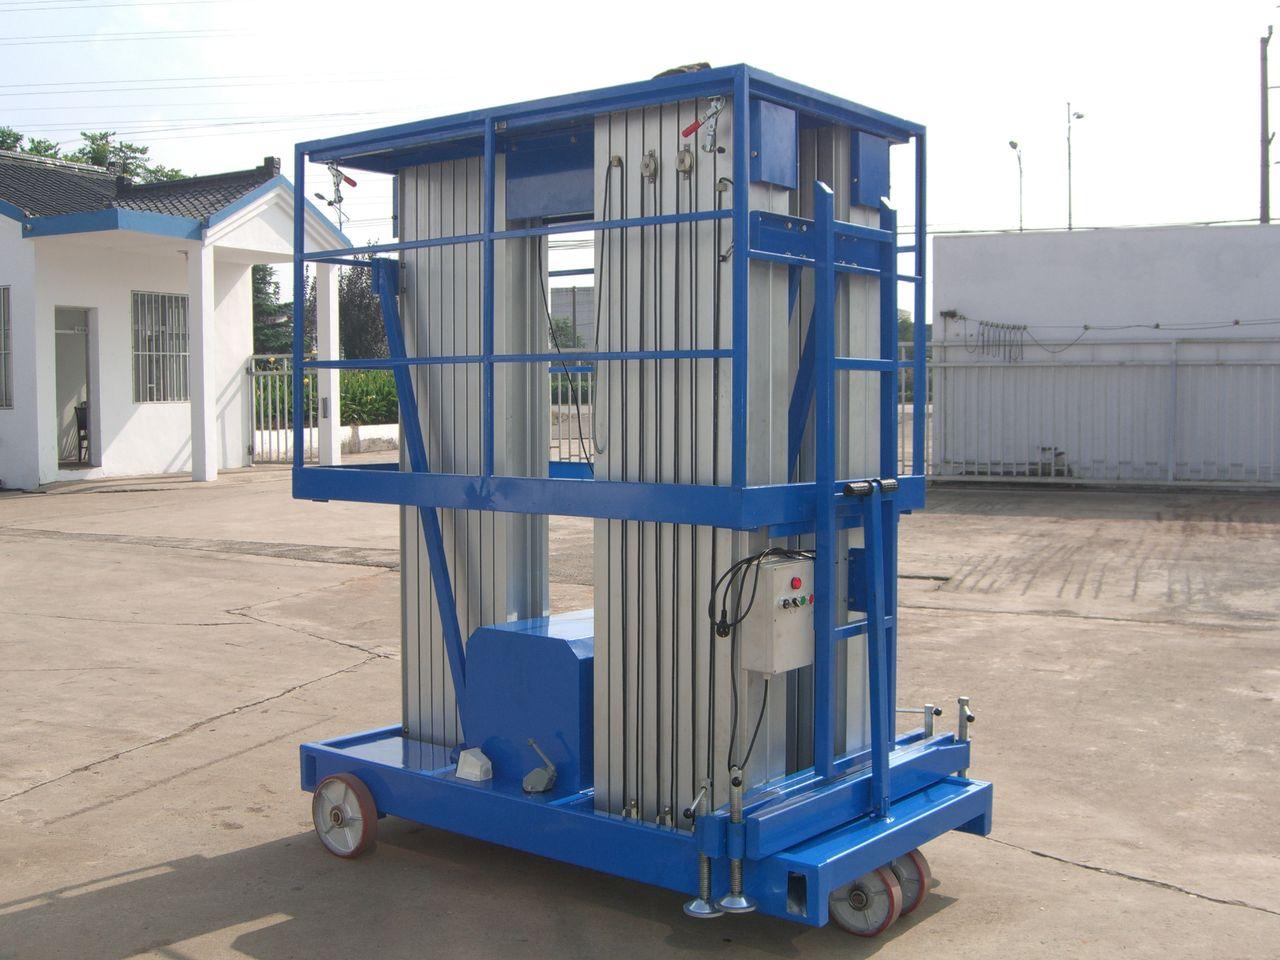 供应多柱式铝合金升降机,优质多柱式铝合金升降机价格,最大的多柱式铝合金升降平台厂家